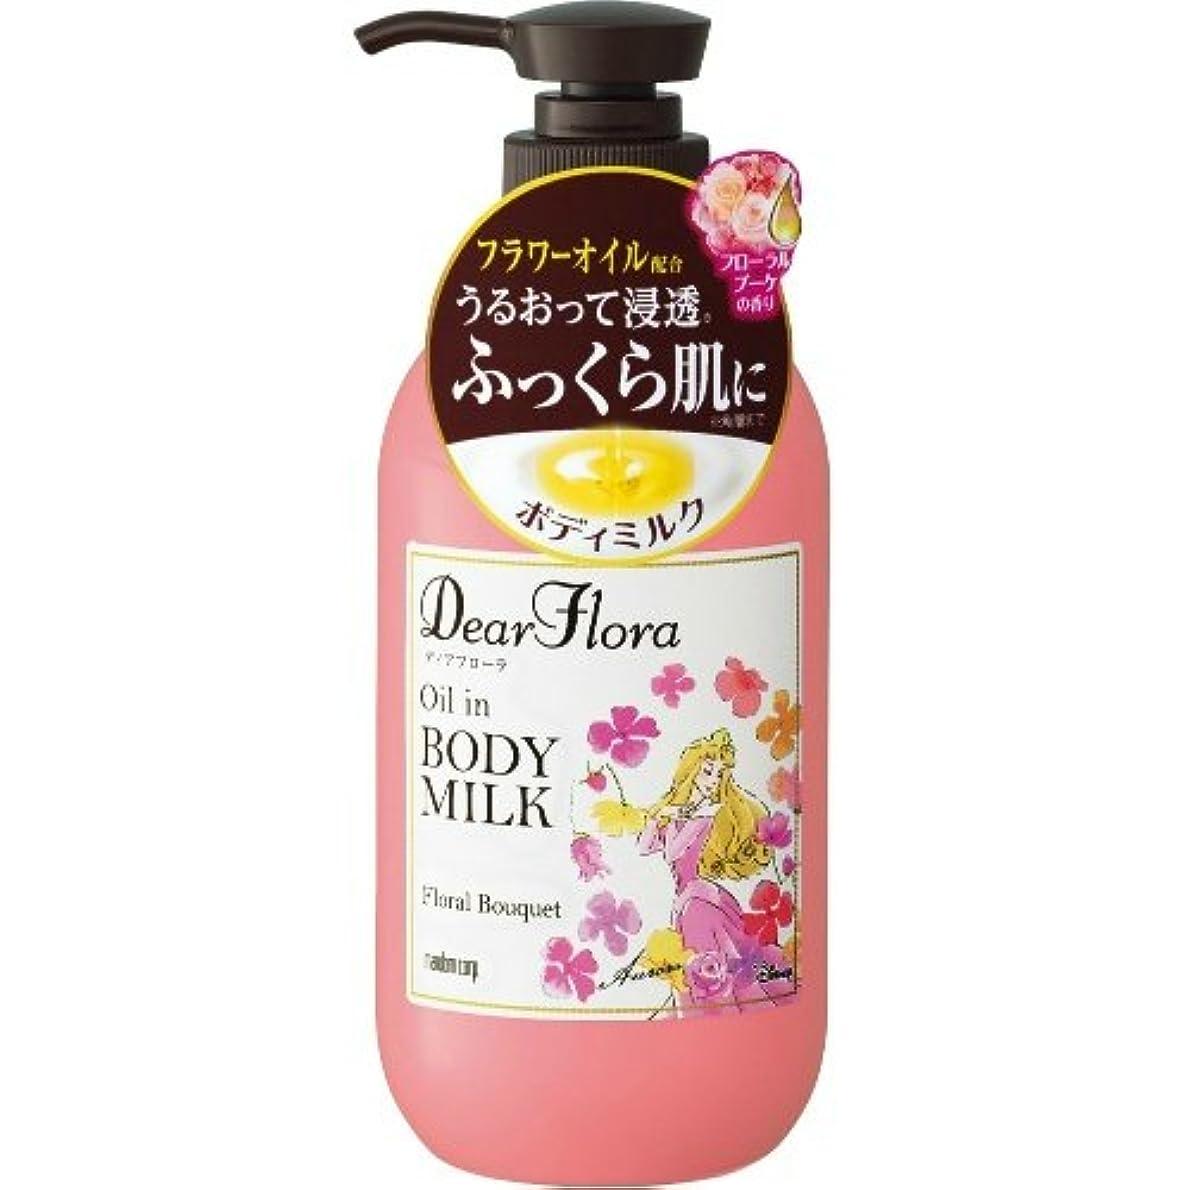 水素正当化するリラックスしたMANDOM マンダム ディアフローラ オイルインボディミルク フローラルブーケの香り 240ml ×024点セット(4902806105414)